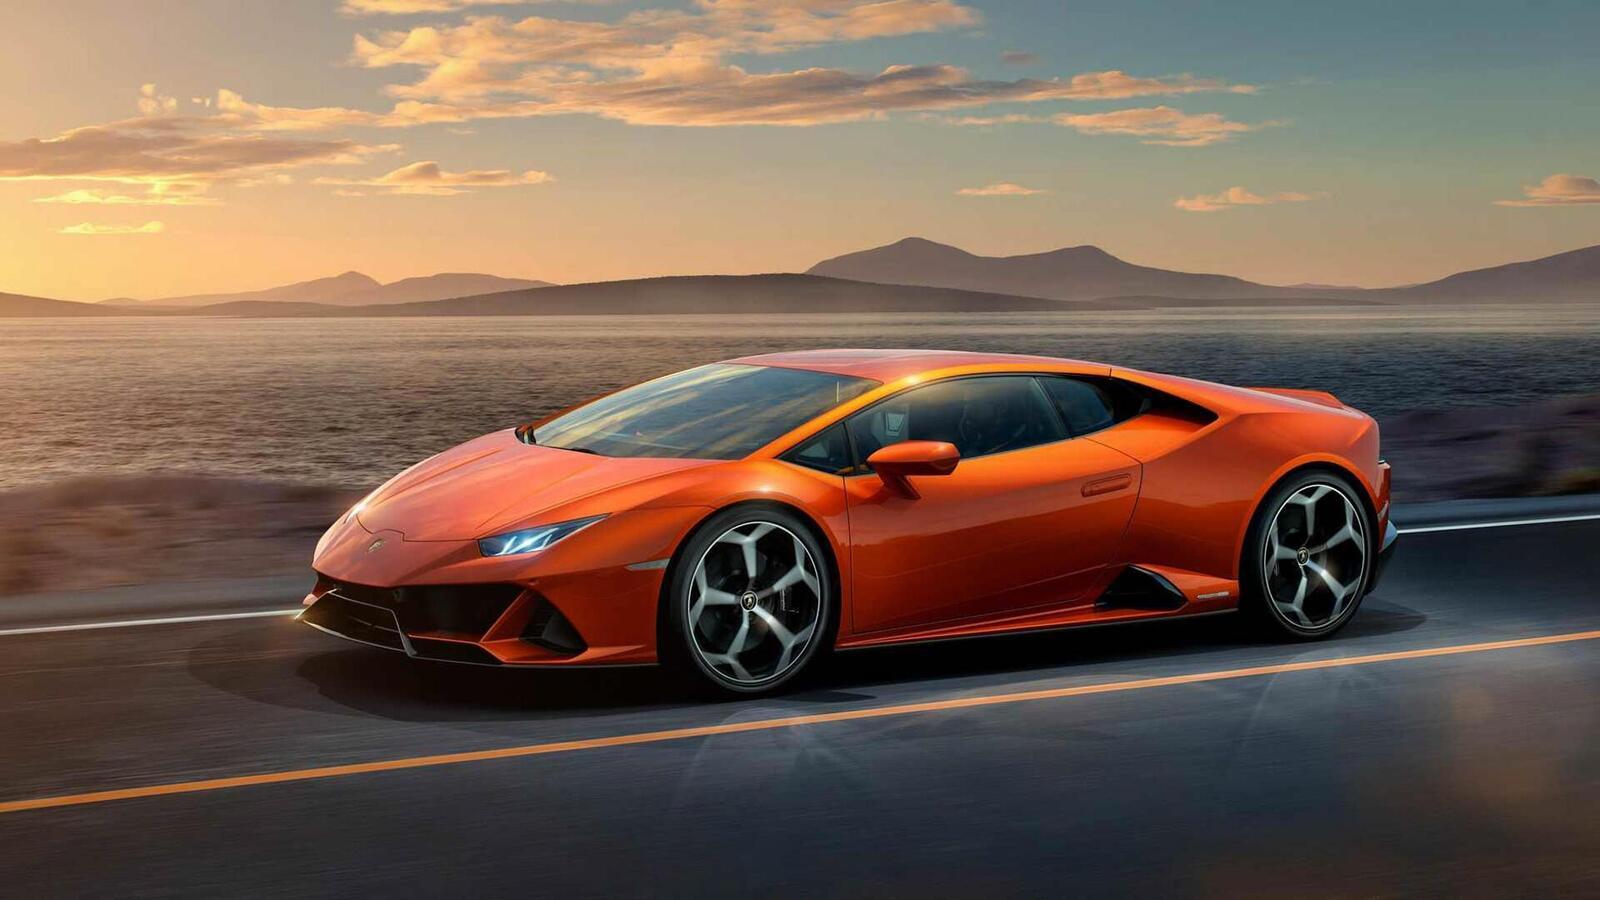 Lamborghini giới thiệu Huracan EVO mới với sức mạnh 640 mã lực - Hình 5